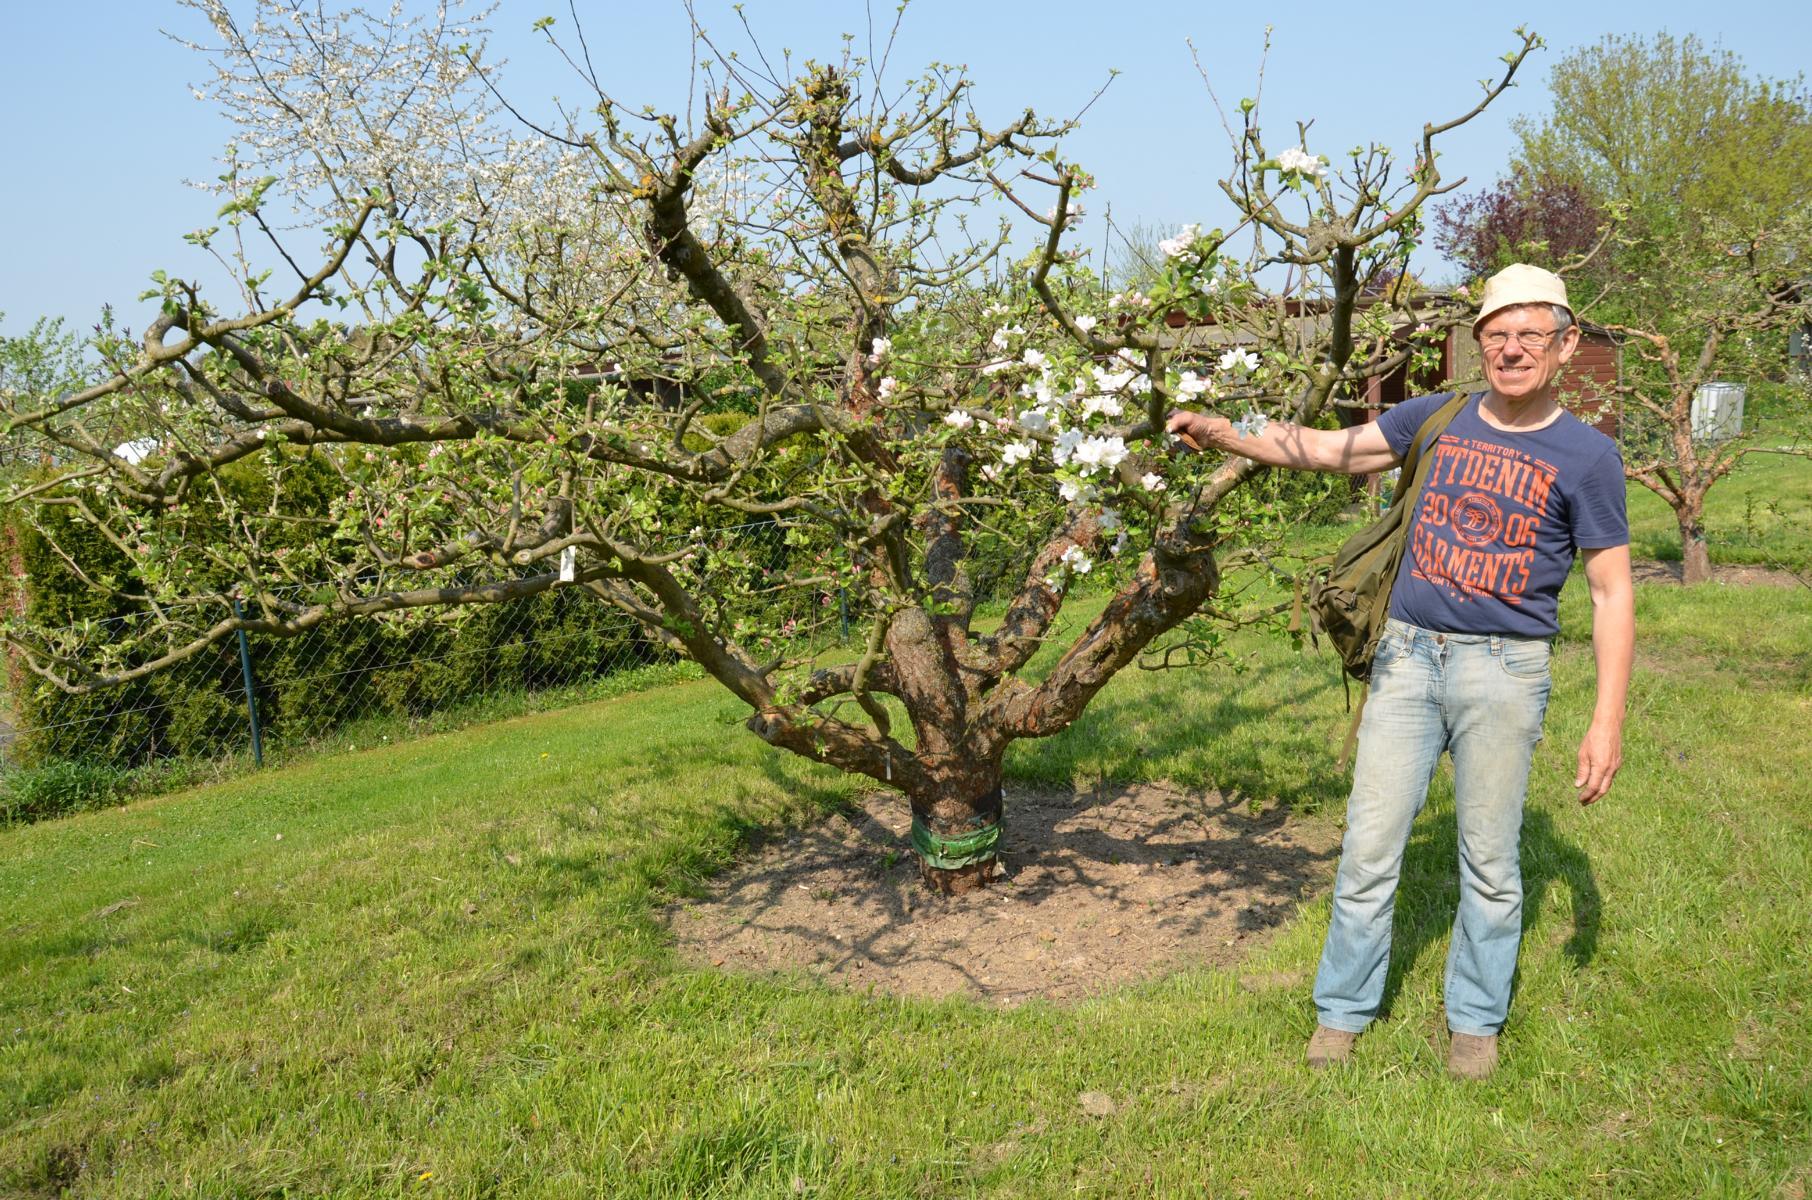 Ohne Veredlung funktioniert der Obstbau nicht